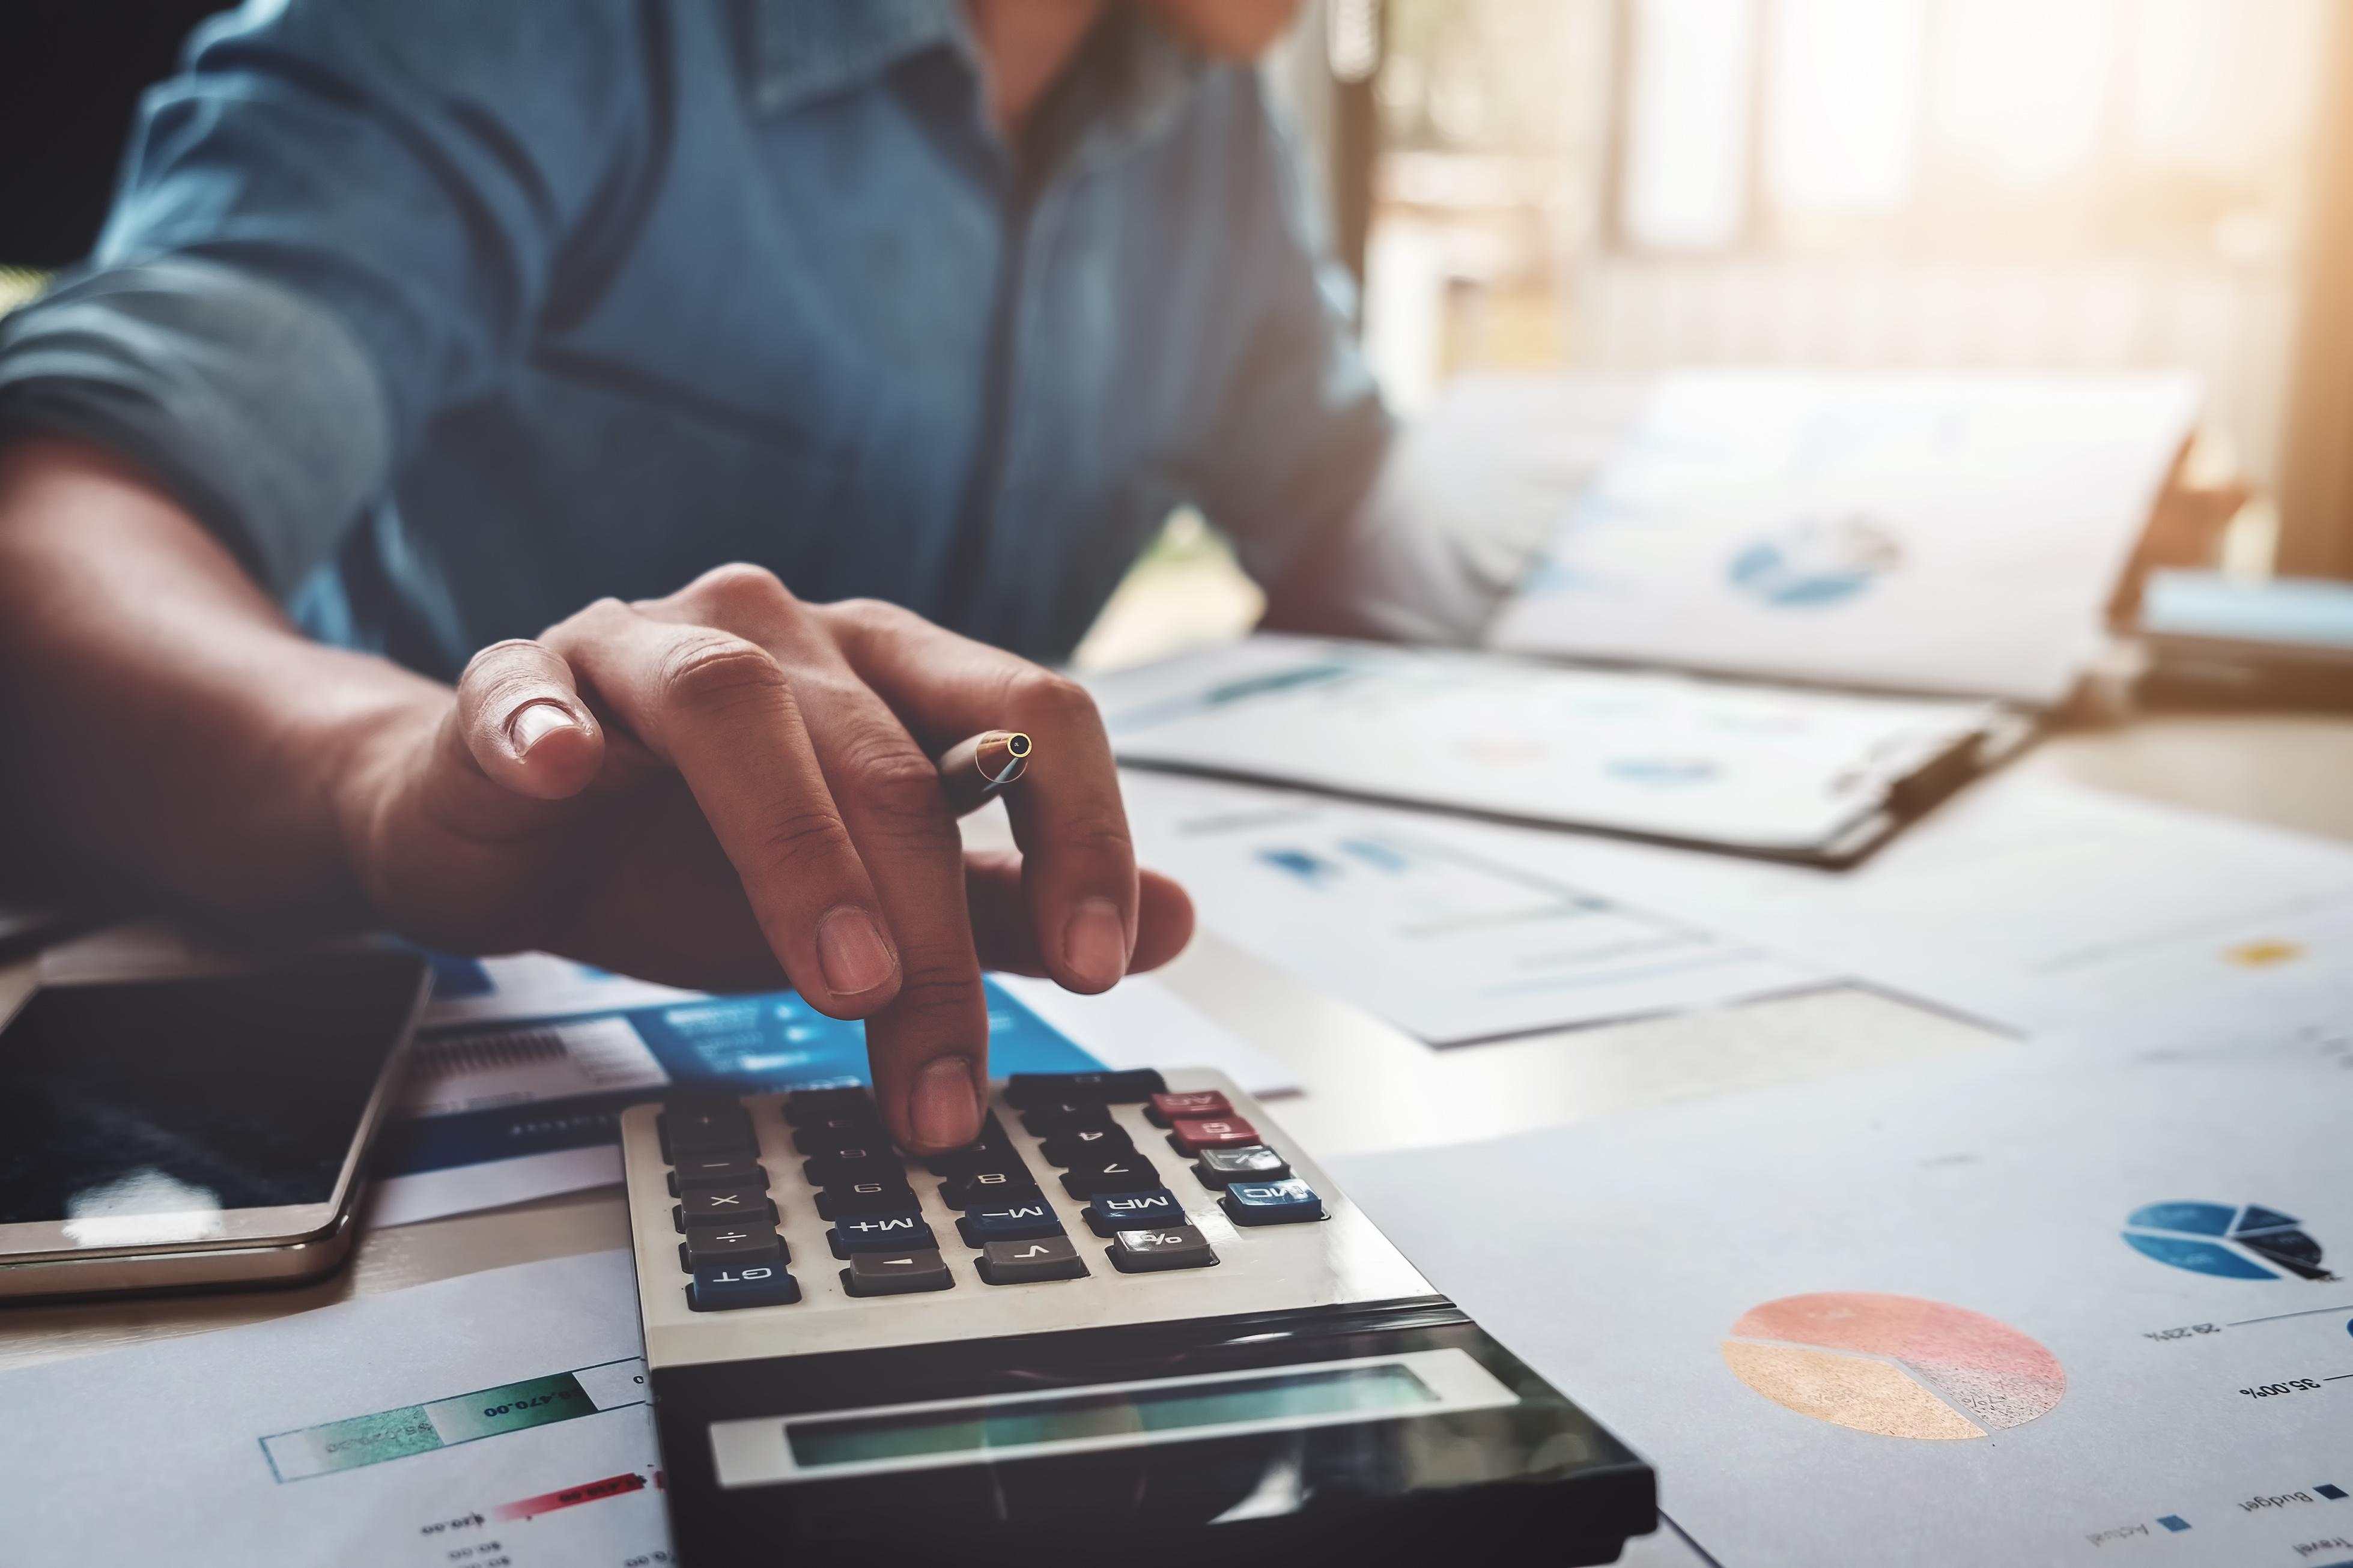 mortgage calculator on desk